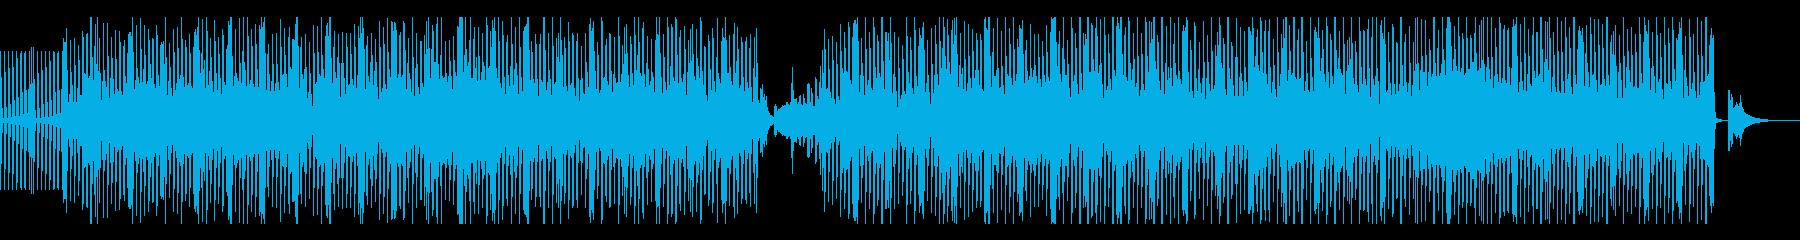 淡々とした和楽器中心のEDMの再生済みの波形